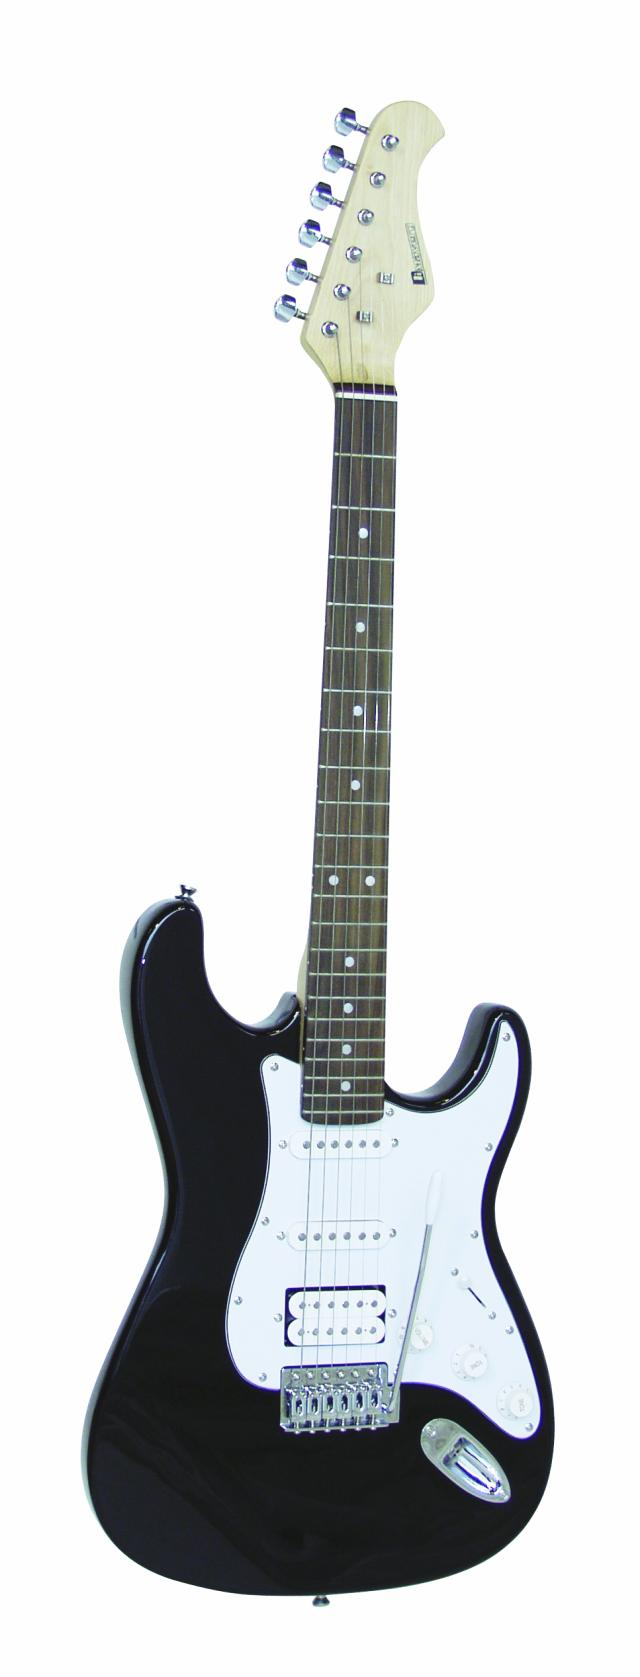 Dimavery ST-312 elektrická kytara, černý